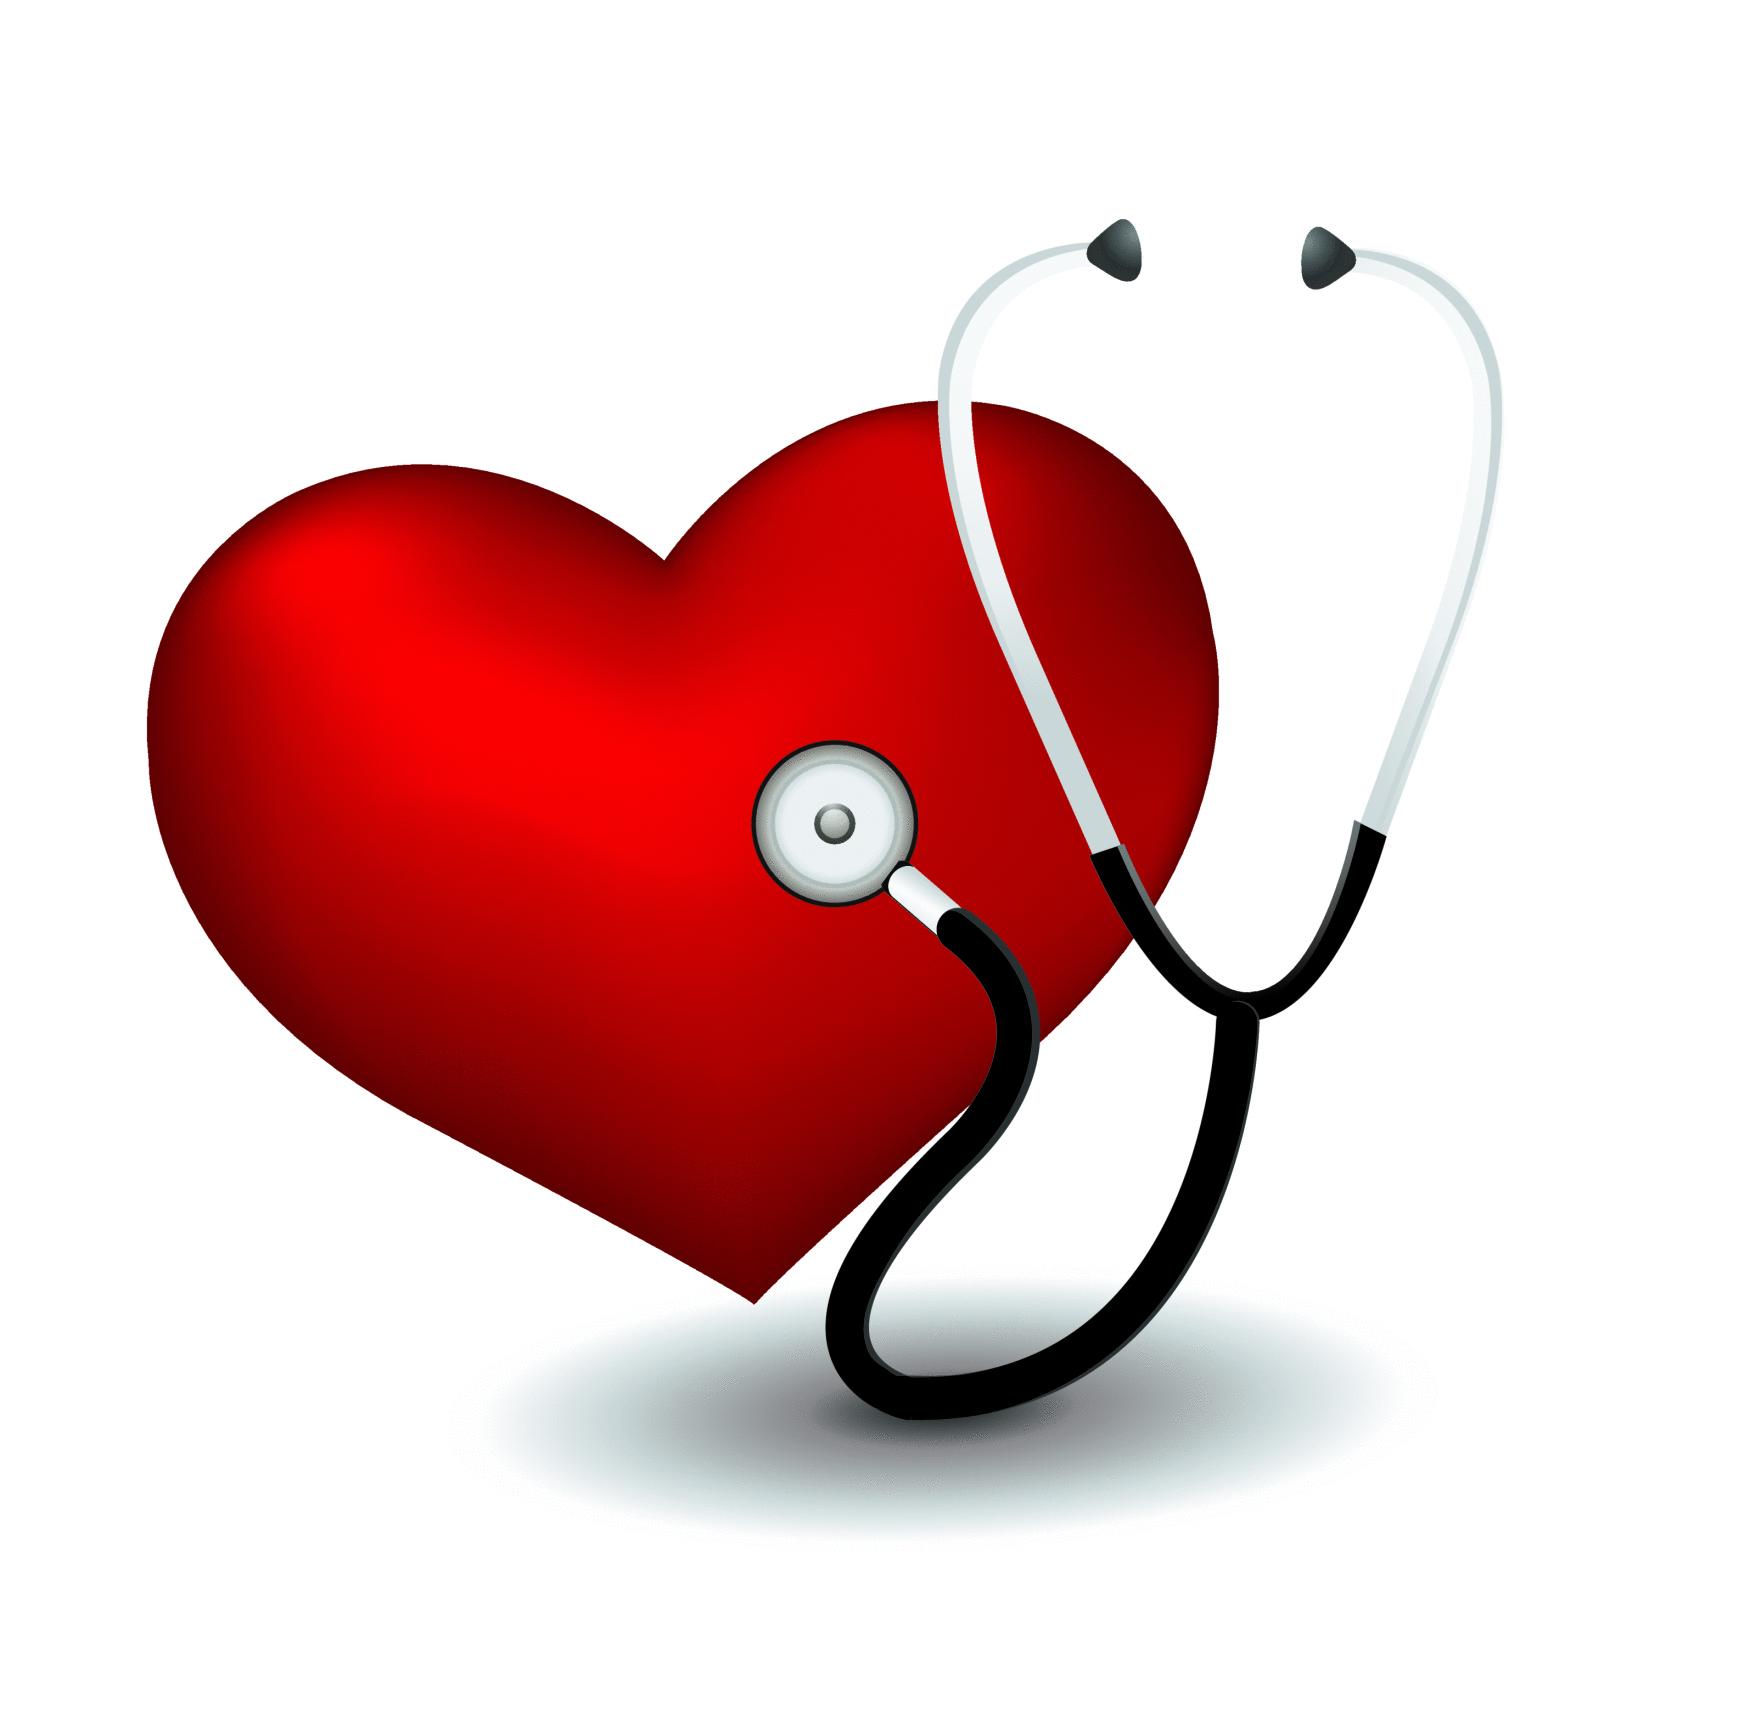 صور صور عن الصحة , اجمل صور و معلومات بوستات صحية